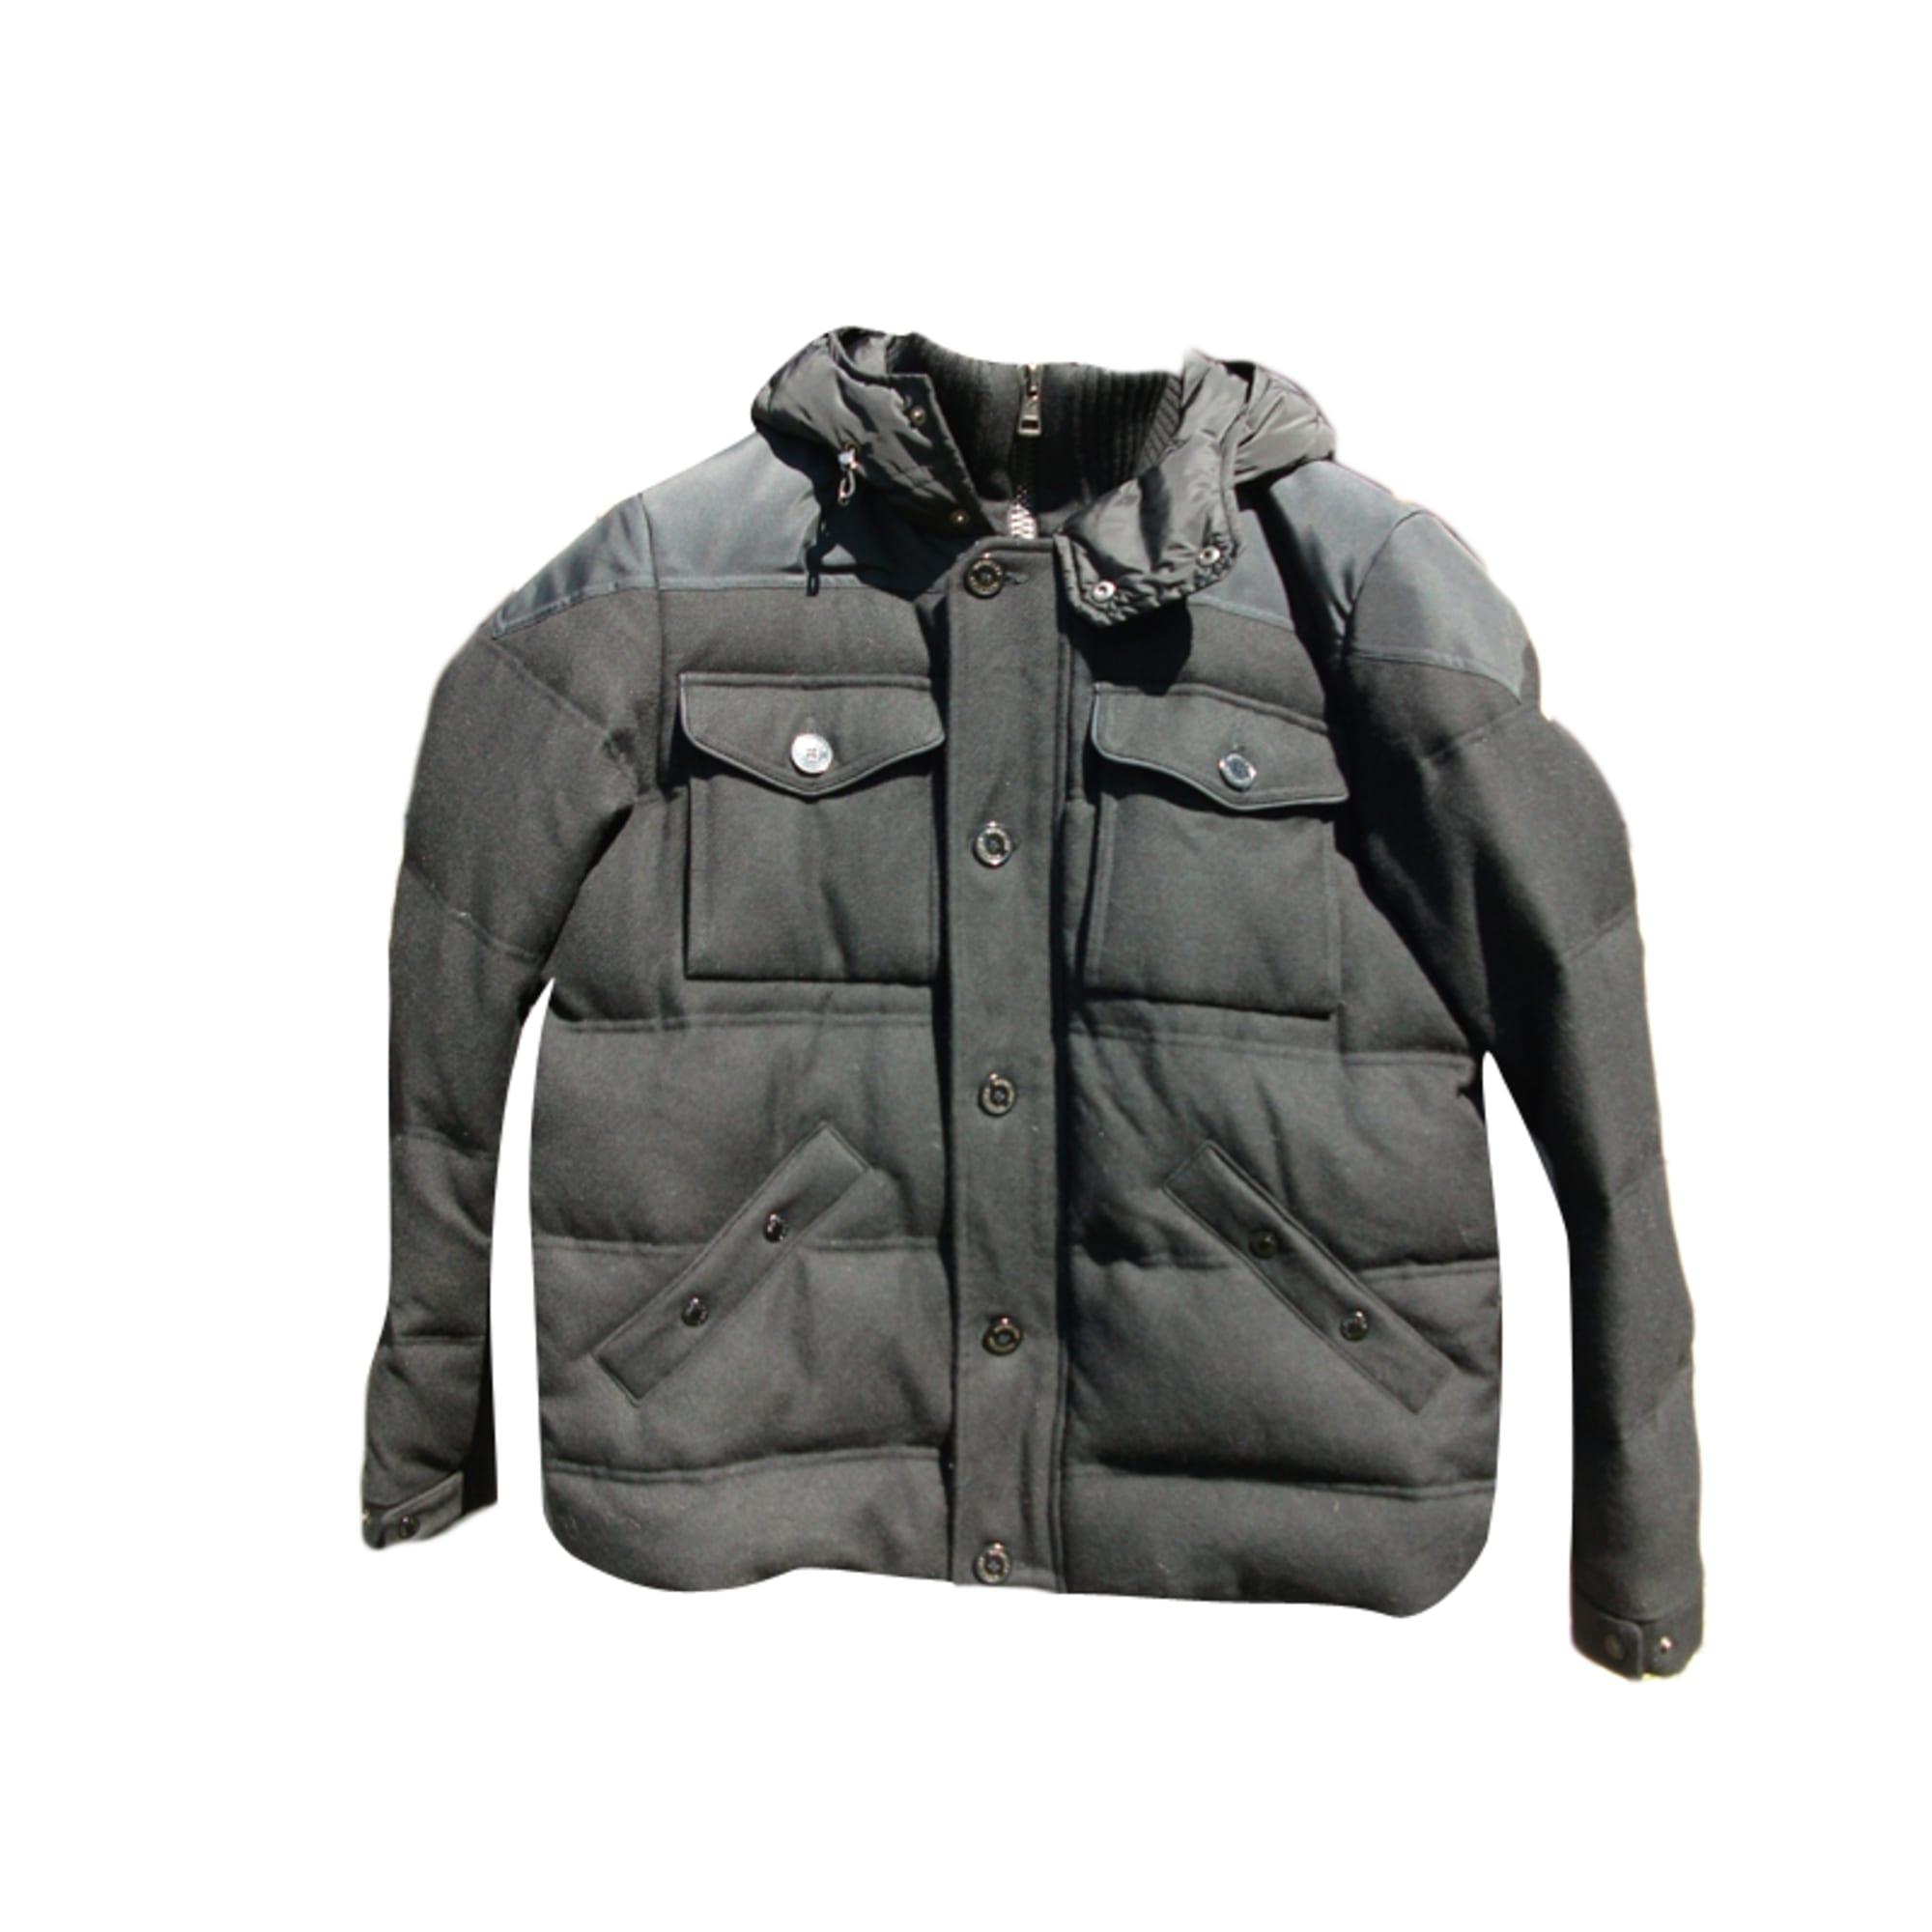 Doudoune MONCLER 54 (L) noir vendu par Laurent 954 - 3769778 fba150bc196